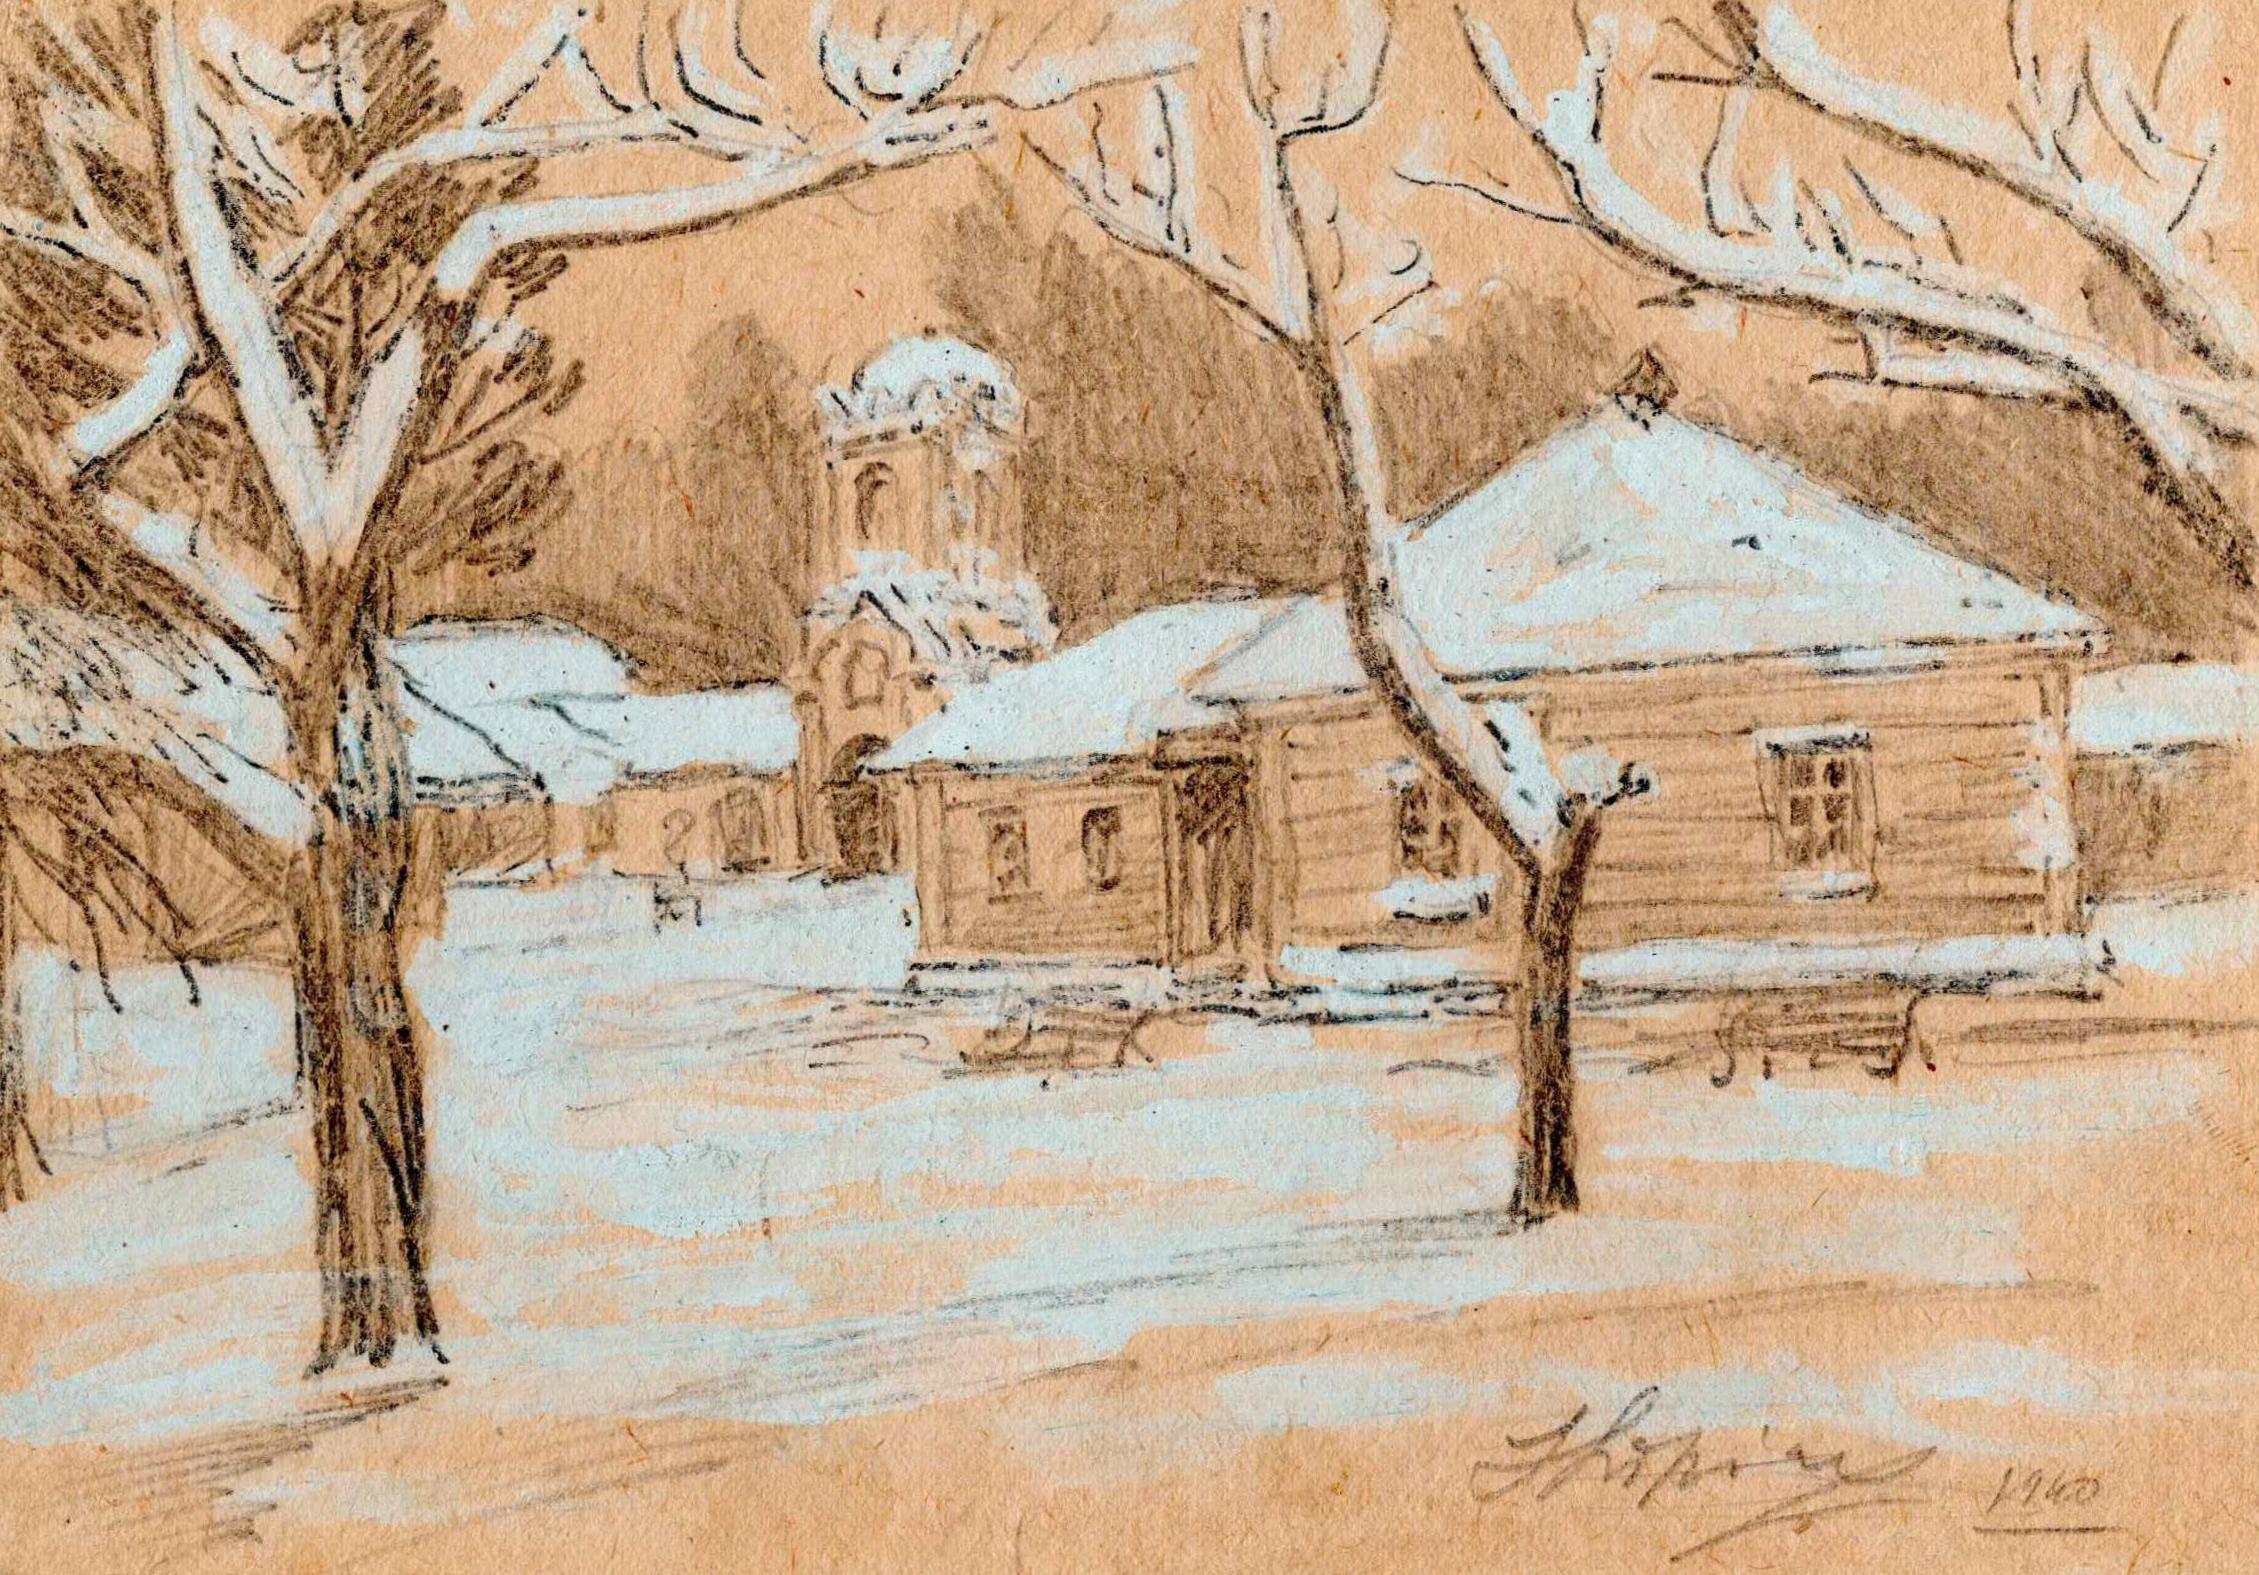 Praca przedstawiająca łagier. Widoczne zabudowania dawnego klasztoru orazdrzewa, Józef Lipiński, ołówek, tempera, 1940